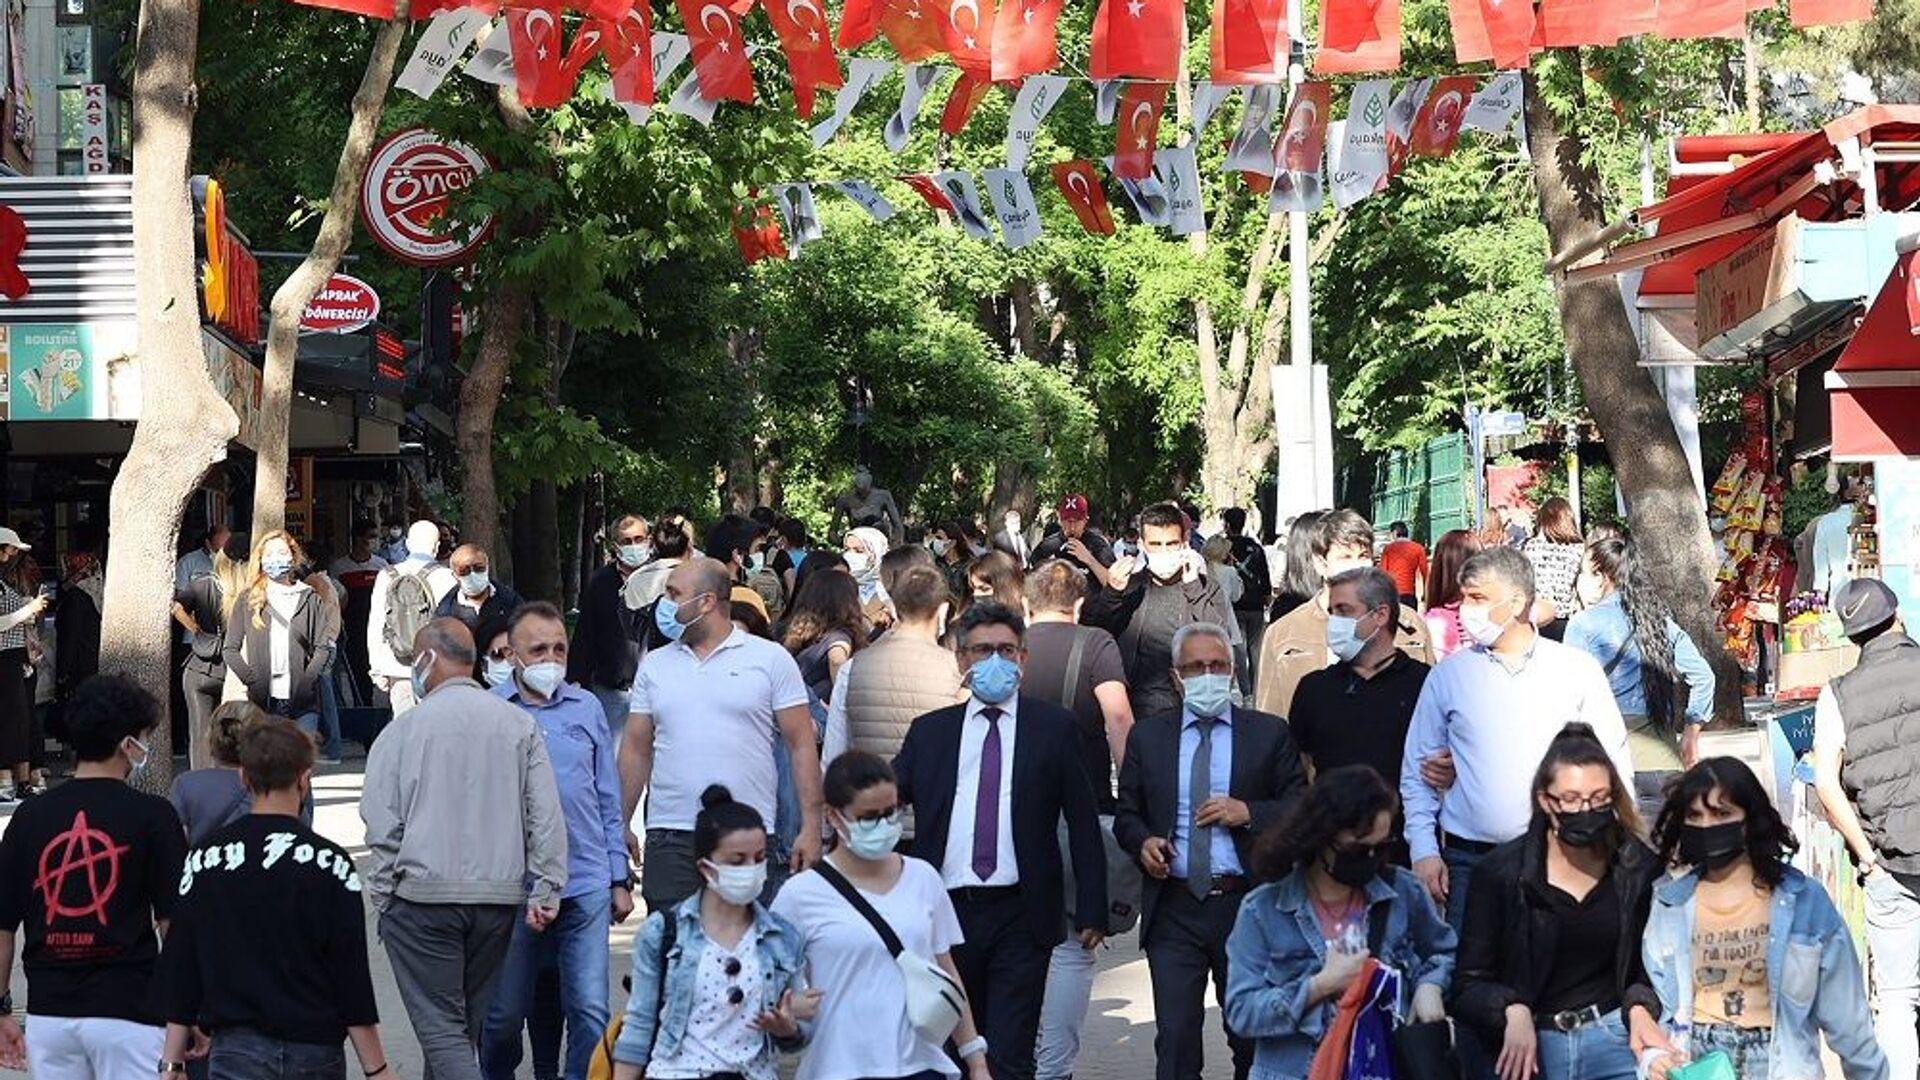 Vaka-maskeli insanlar-Ankara - Sputnik Türkiye, 1920, 14.07.2021